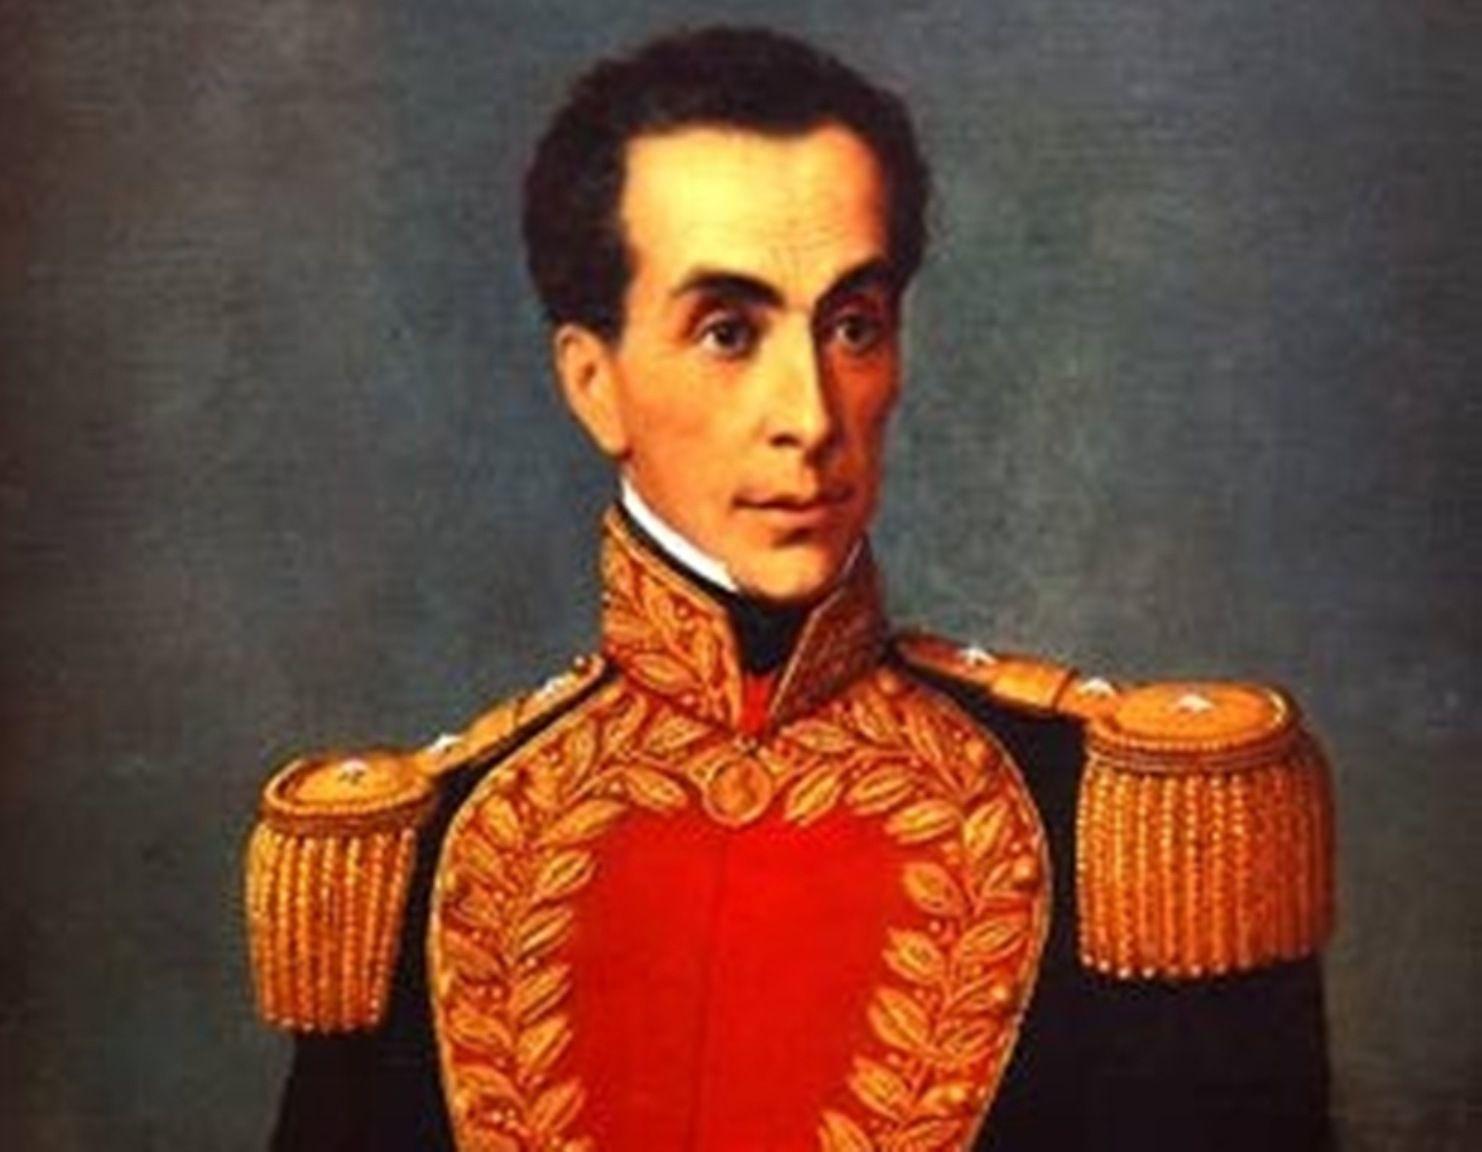 Simon Bolivar portrait